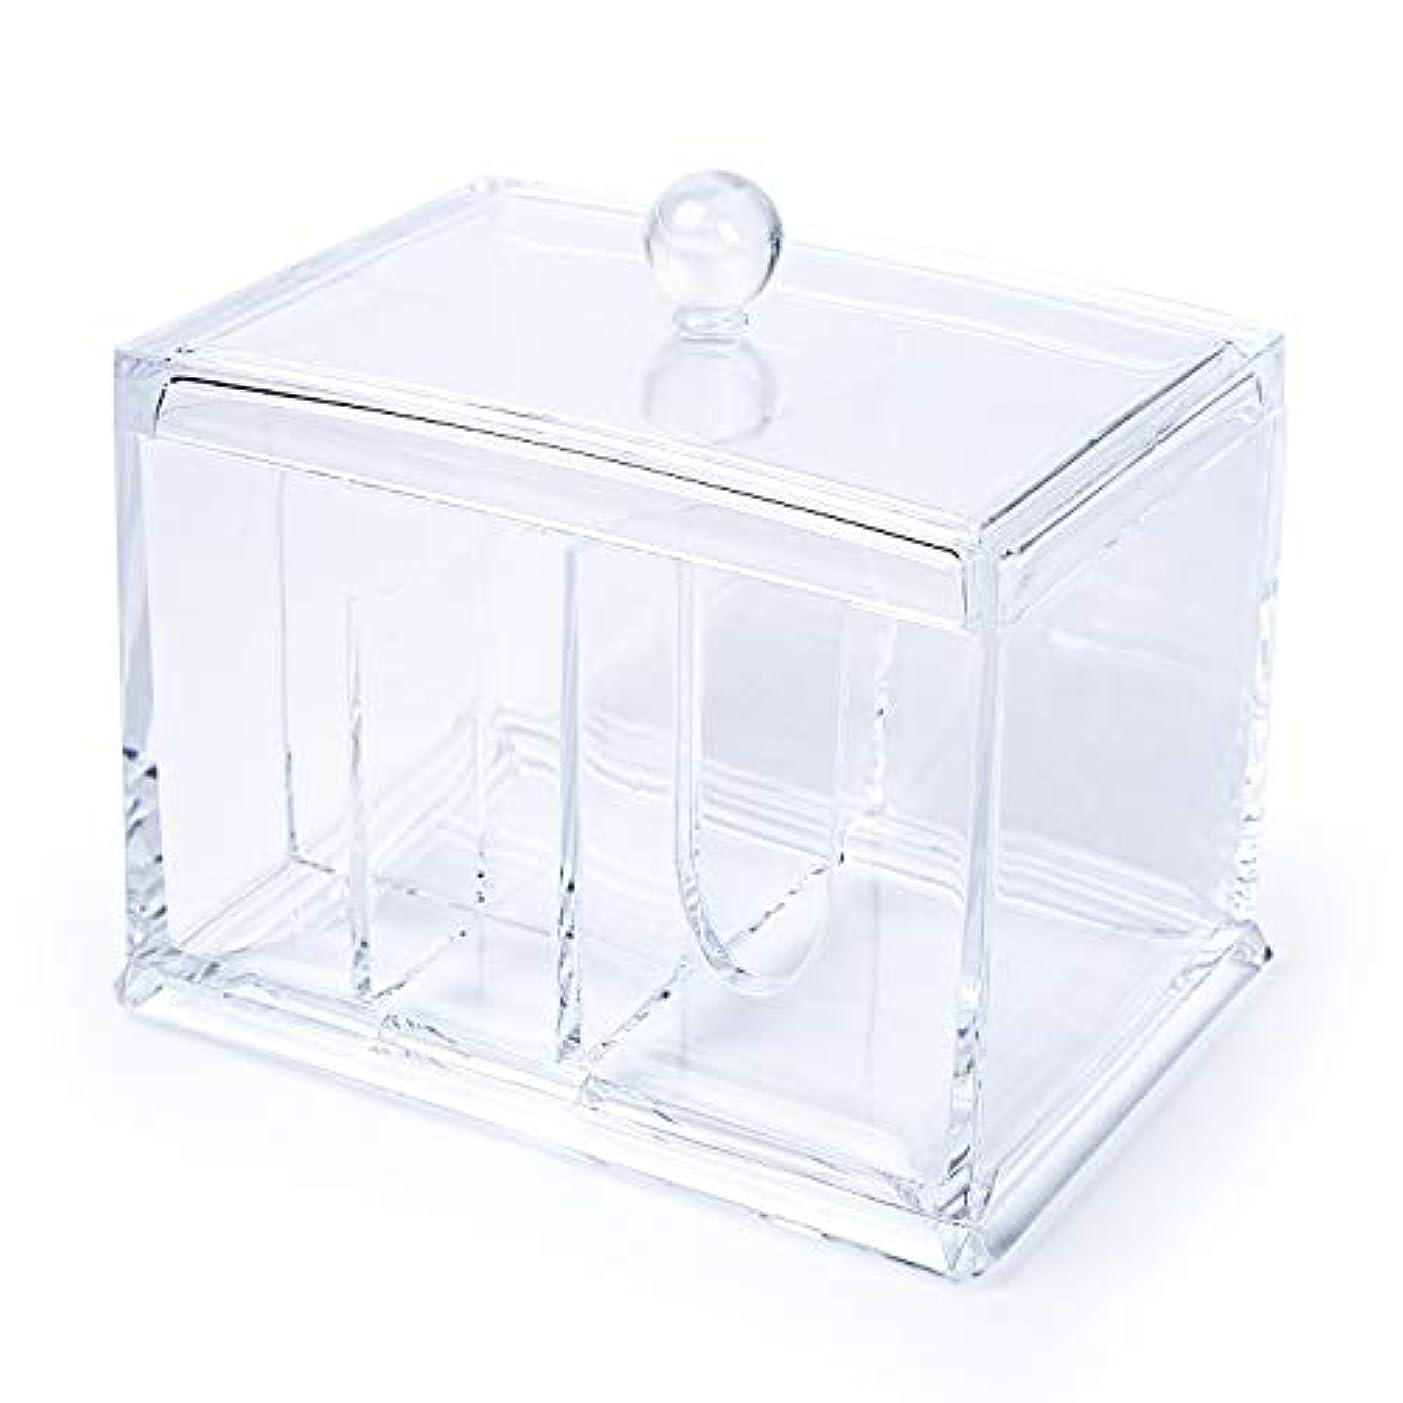 分数アヒル北ELOKI 収納ボックス アクリルケース 収納ボックス 綿棒 小物?コスメ小物用品収納 ジュエリーボックス アクセサリー 透明 防塵?蓋付き アクリル製